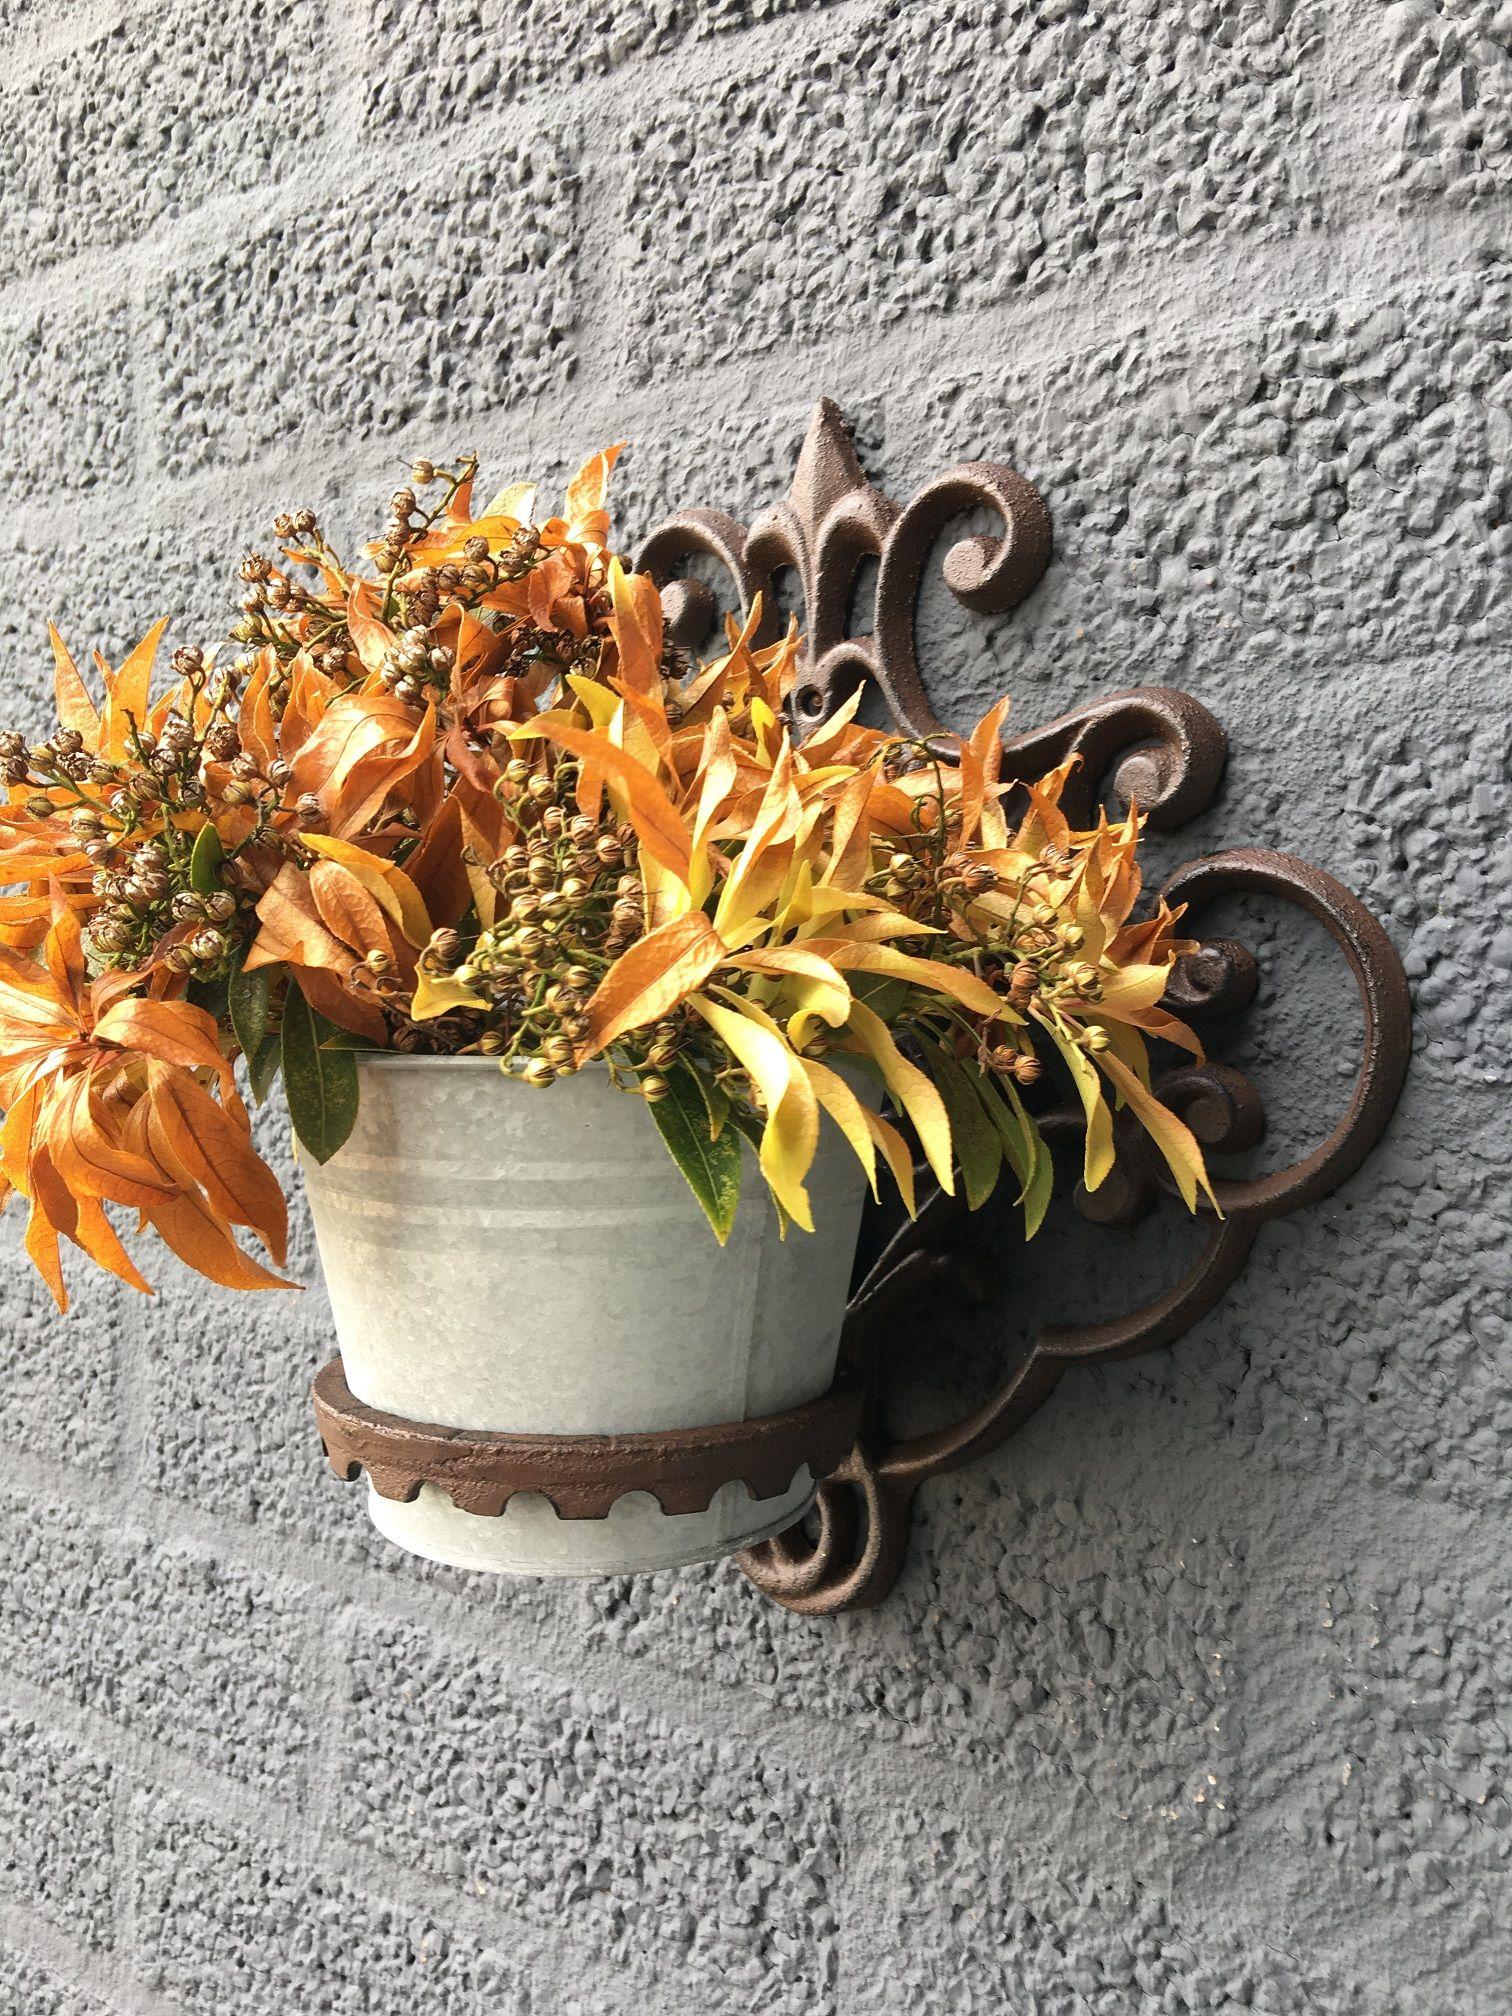 Tags bloempot pannenlap muur bloempot voor de muur muur decoratie bloemen bloembak